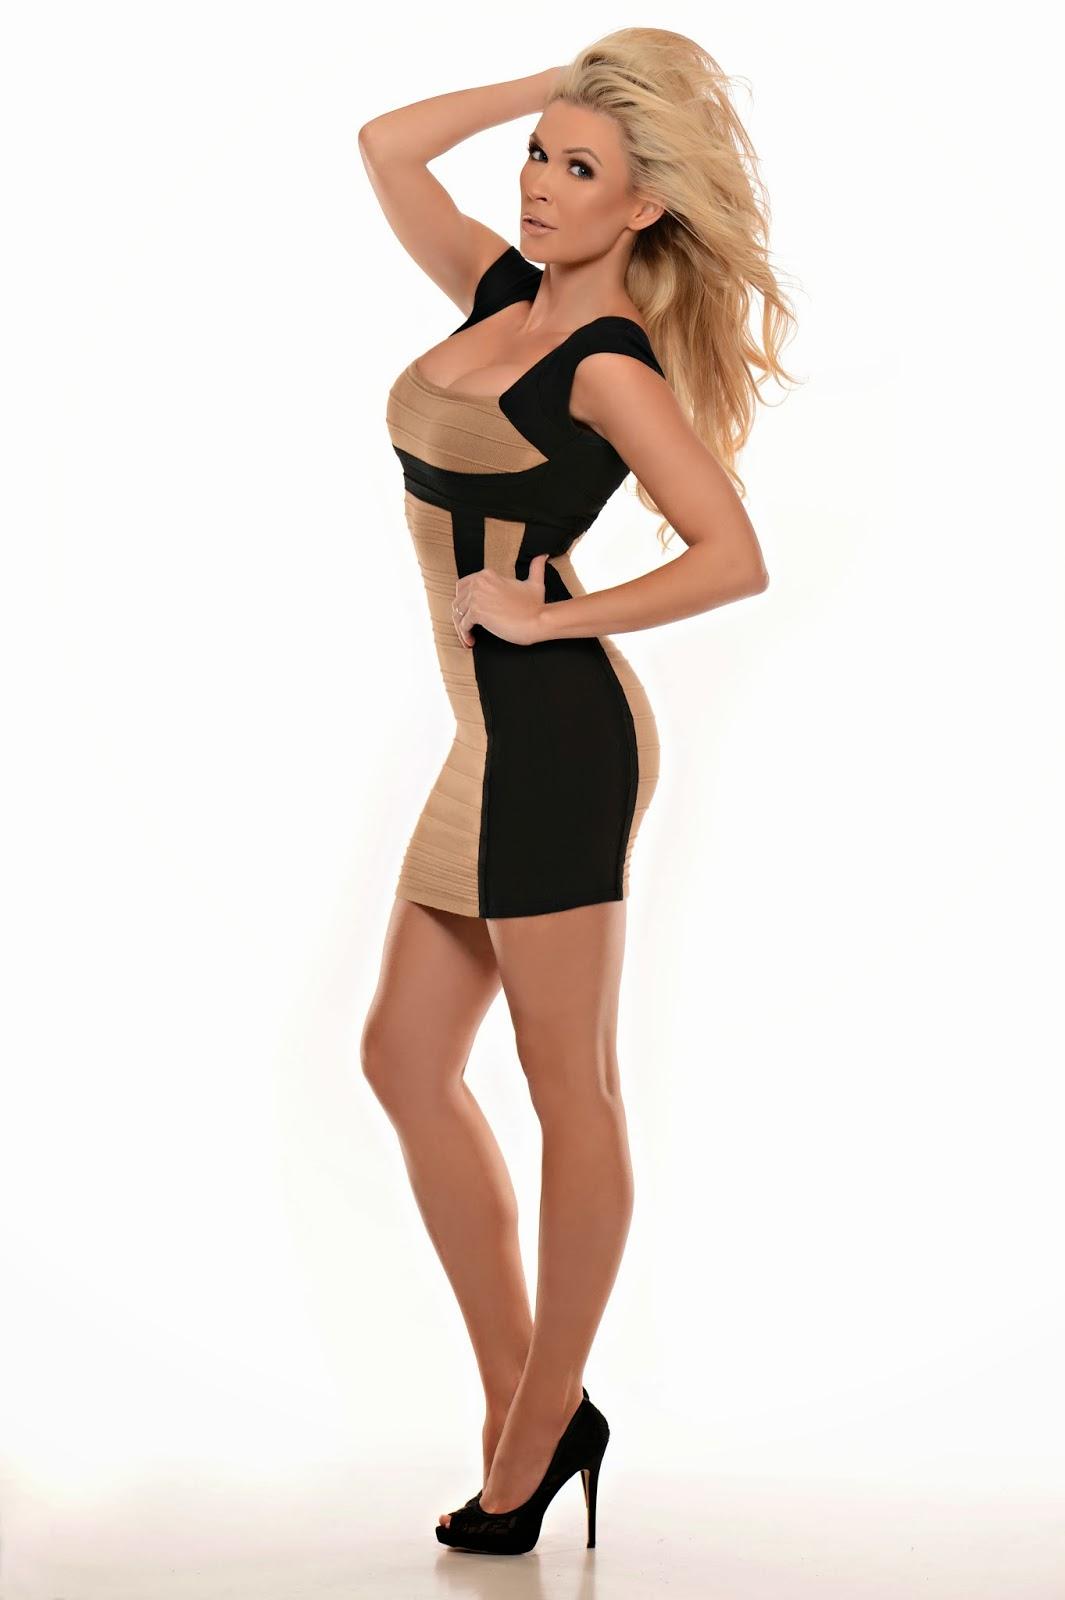 Lauren Jones, Expendables Actress, Price is Right Model, Shoe Designer, Maxim Model